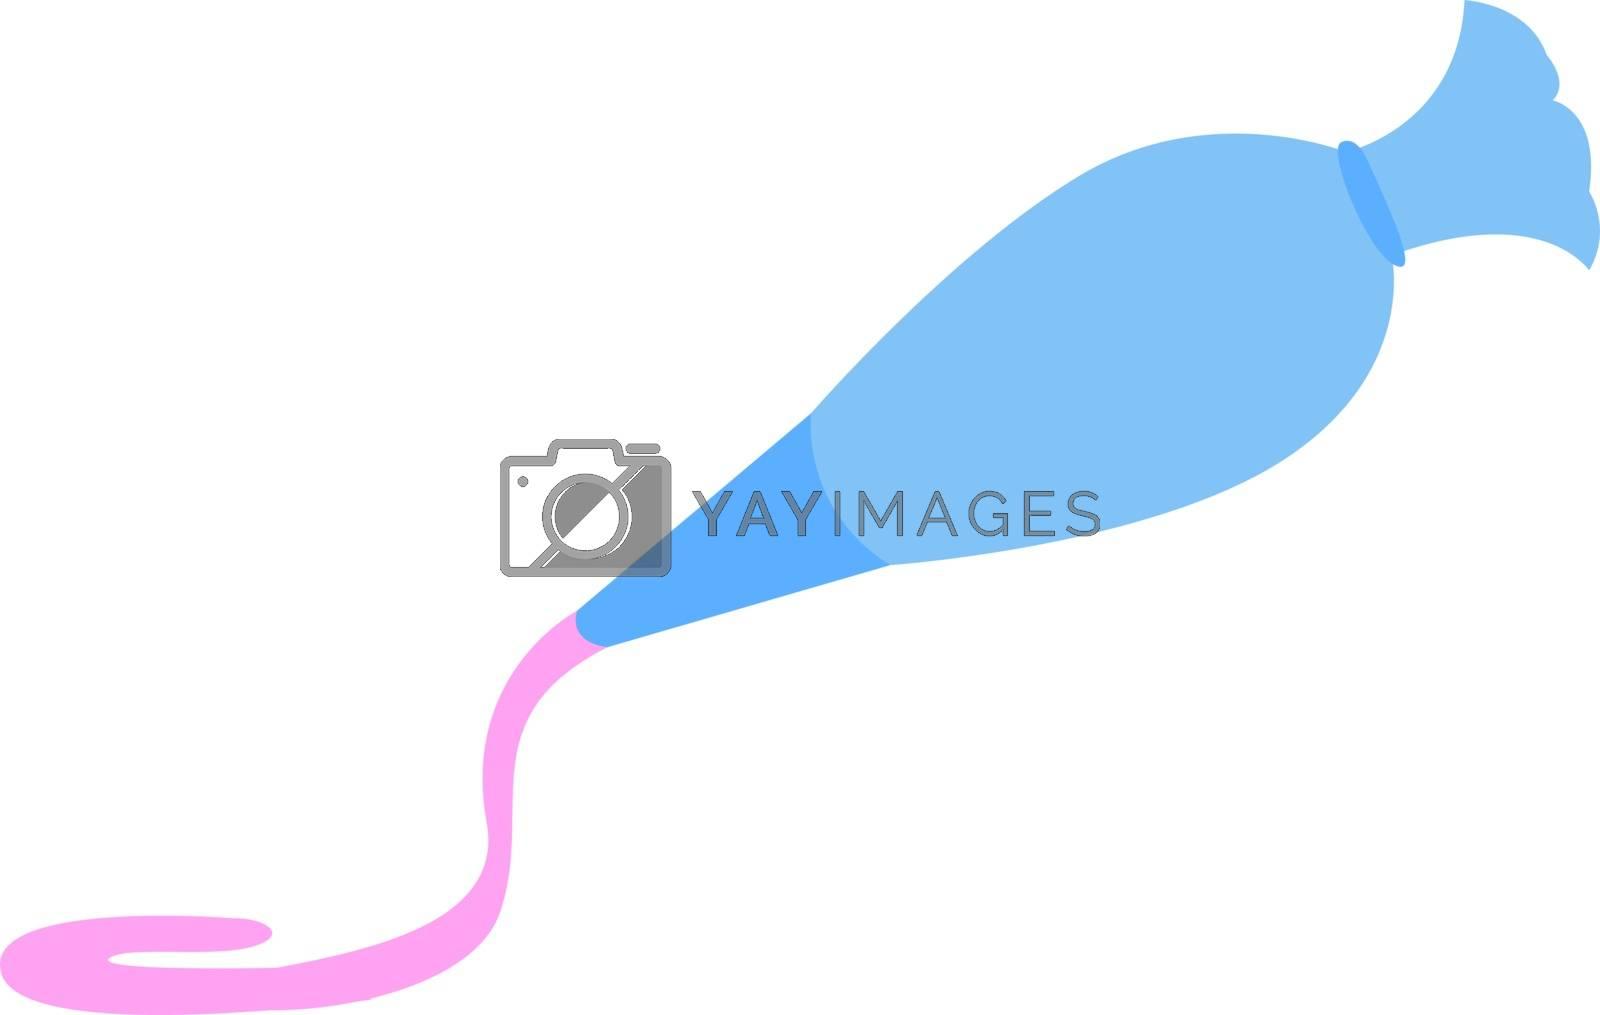 Cream for cake, illustration, vector on white background.